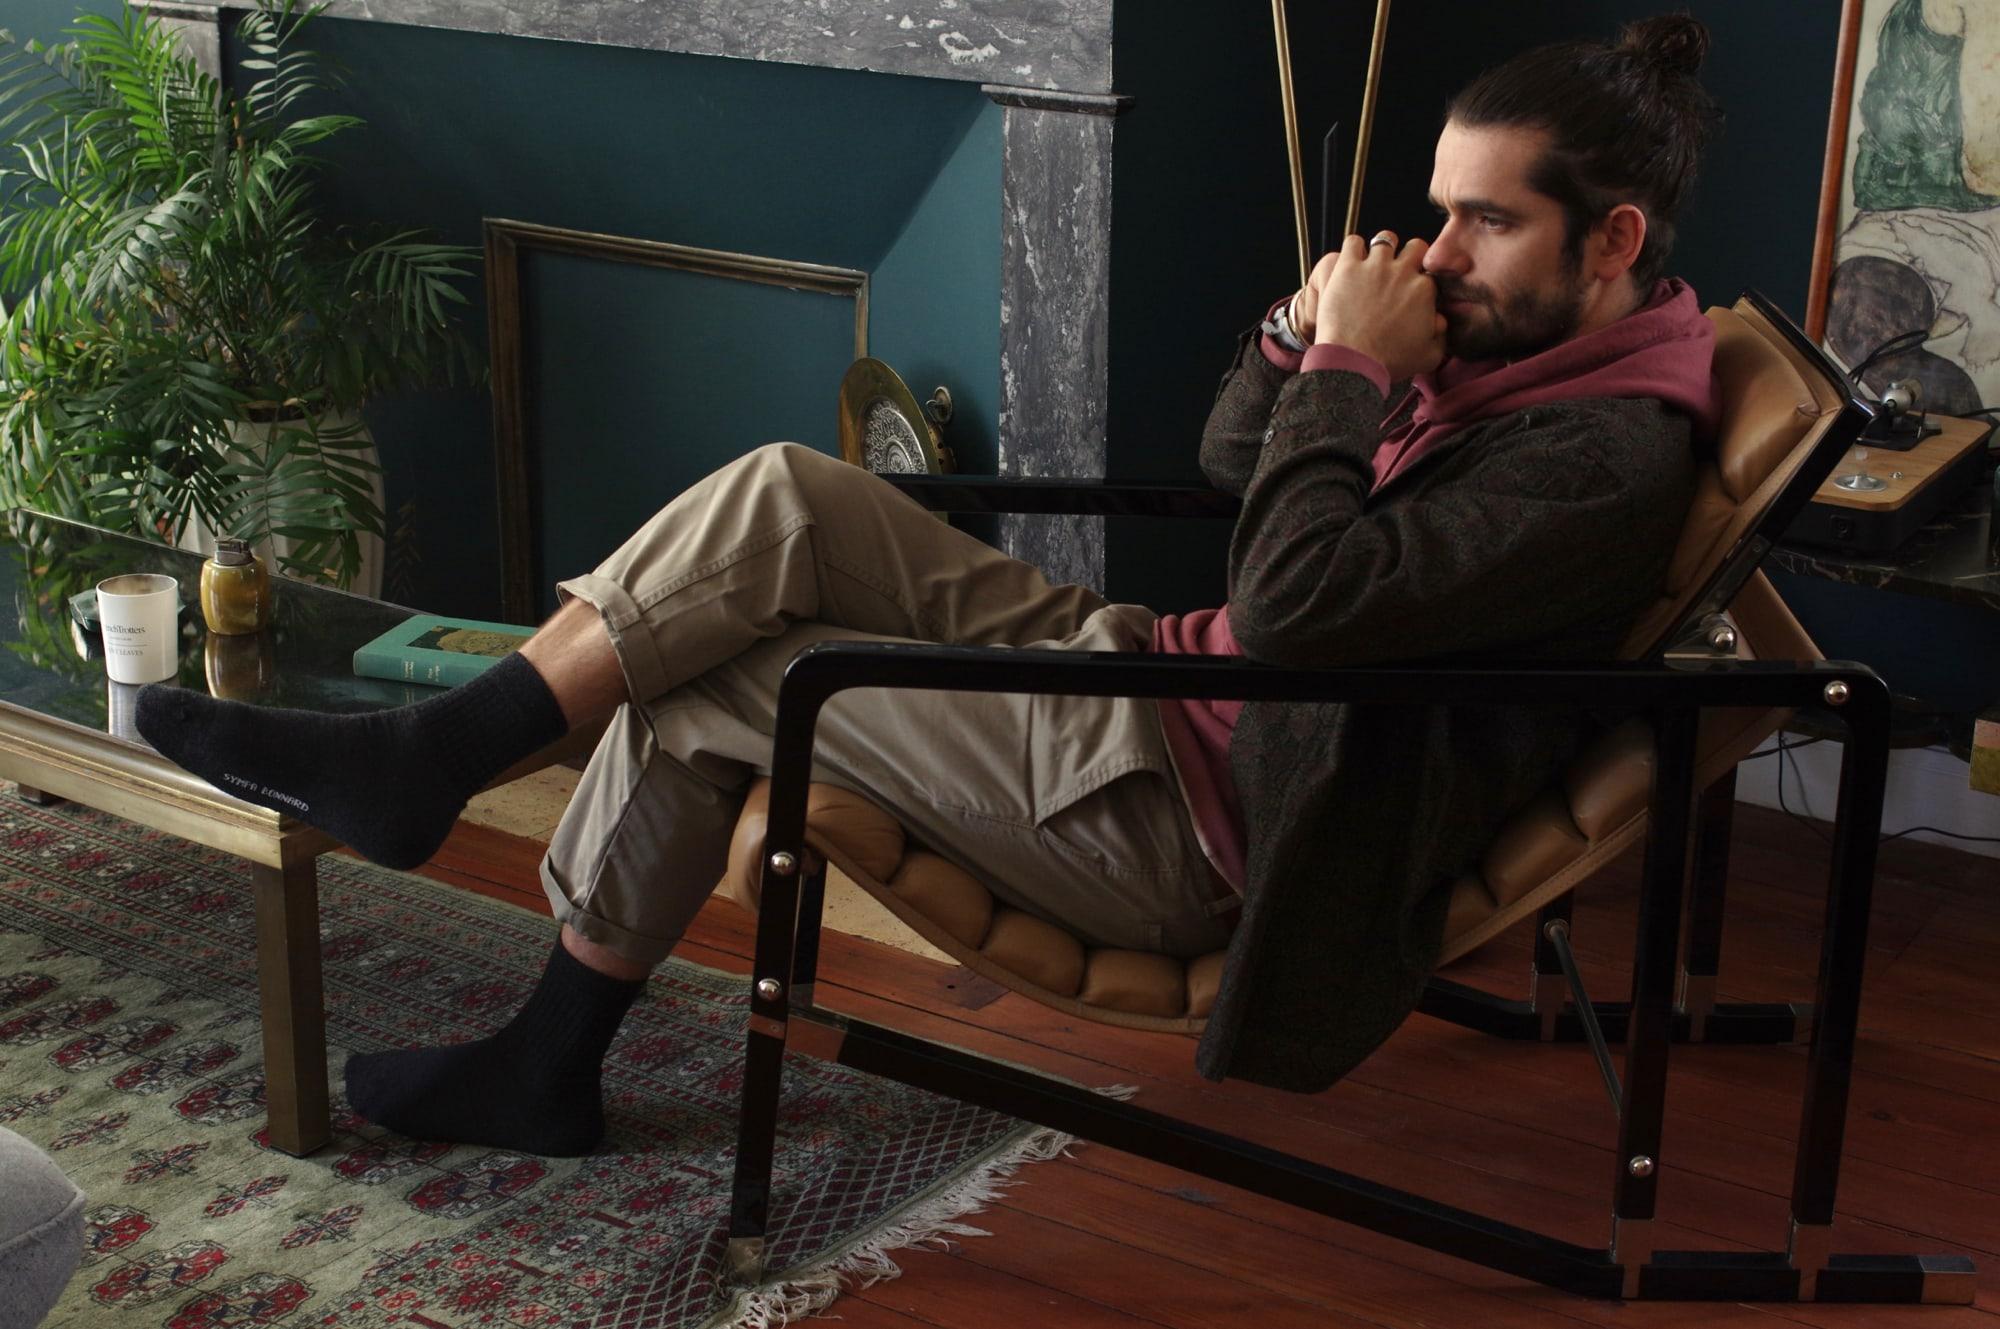 comment choisir des chausettes en laine mérinos les meilleures sympa bonnard equitable et faite en suisse - fauteuil Eileen Gray - modèle Transat (vintage)